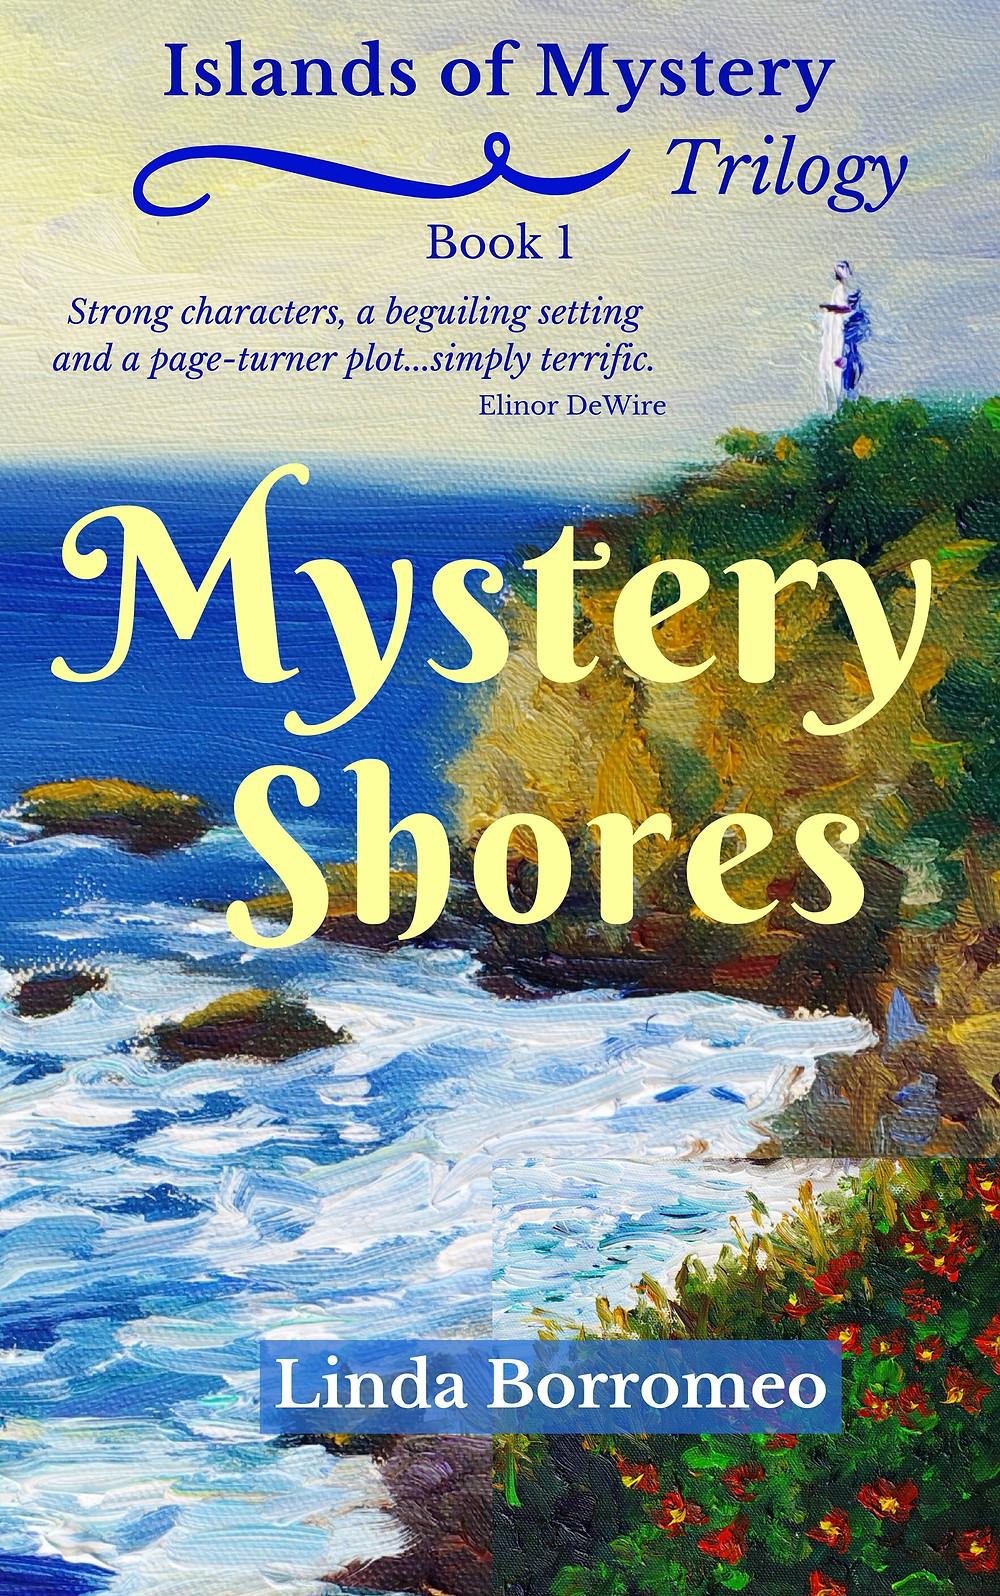 Mystery Shores by Linda Borromeo